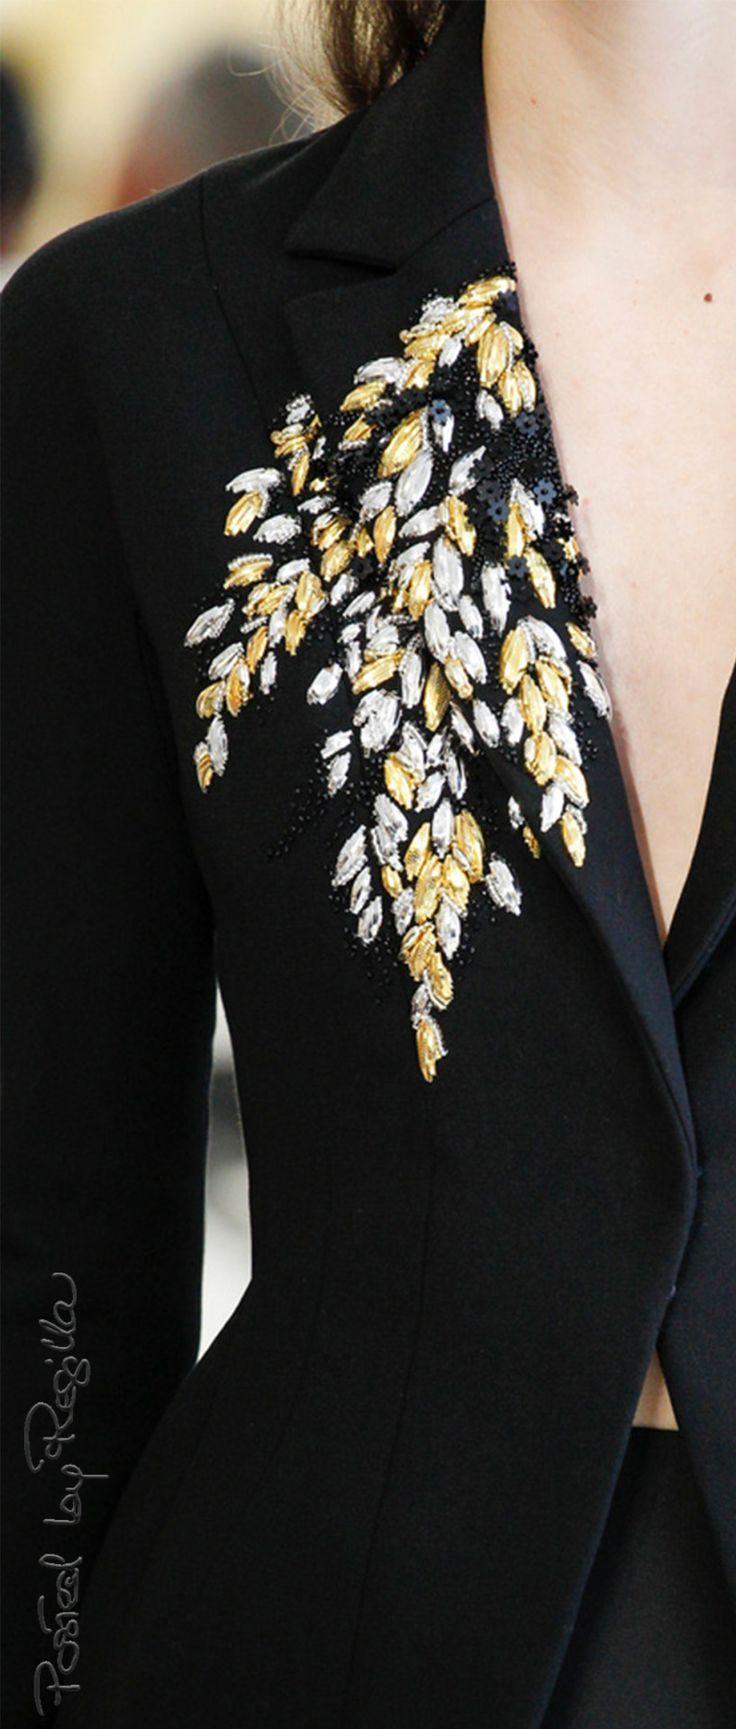 Regilla ⚜️ Christian Dior Couture Fall/Winter 2017                                                                                                                                                      More